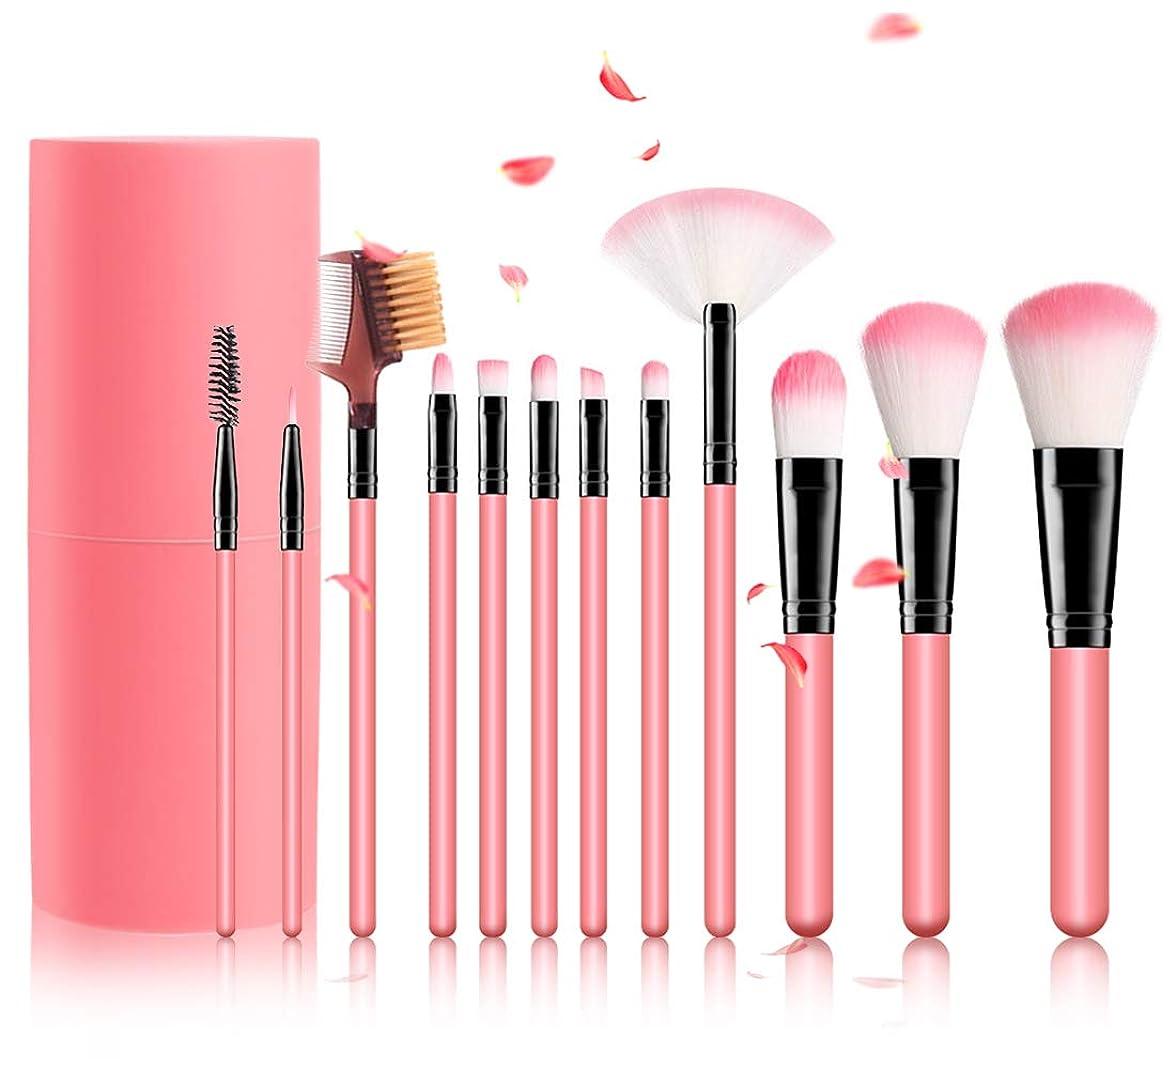 時代端クローゼットメイクブラシ メイクセット 化粧ブラシセット 化粧筆セット 12本 ふわふわ 化粧ブラシ 多機能 パウダーブラシ